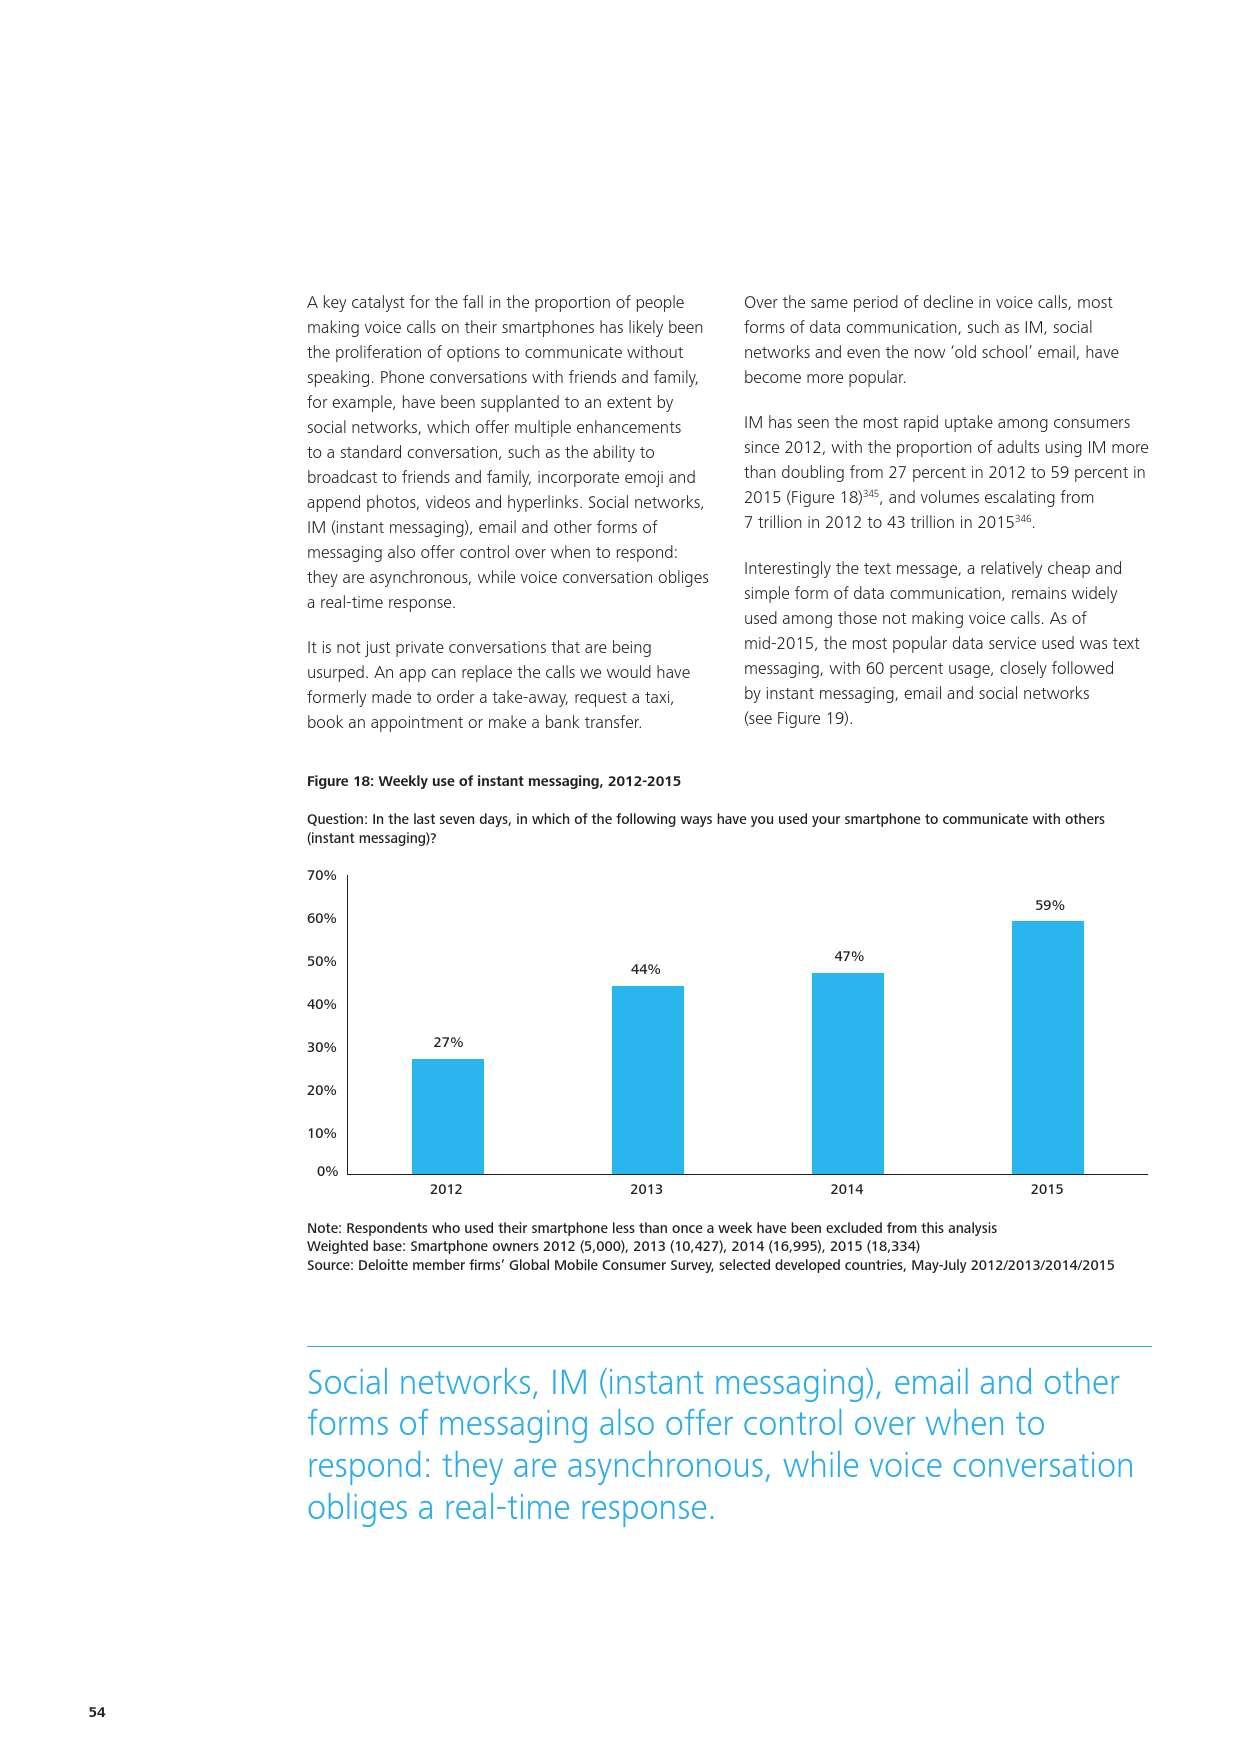 德勤:2016科技、传媒和电信行业预测_000056